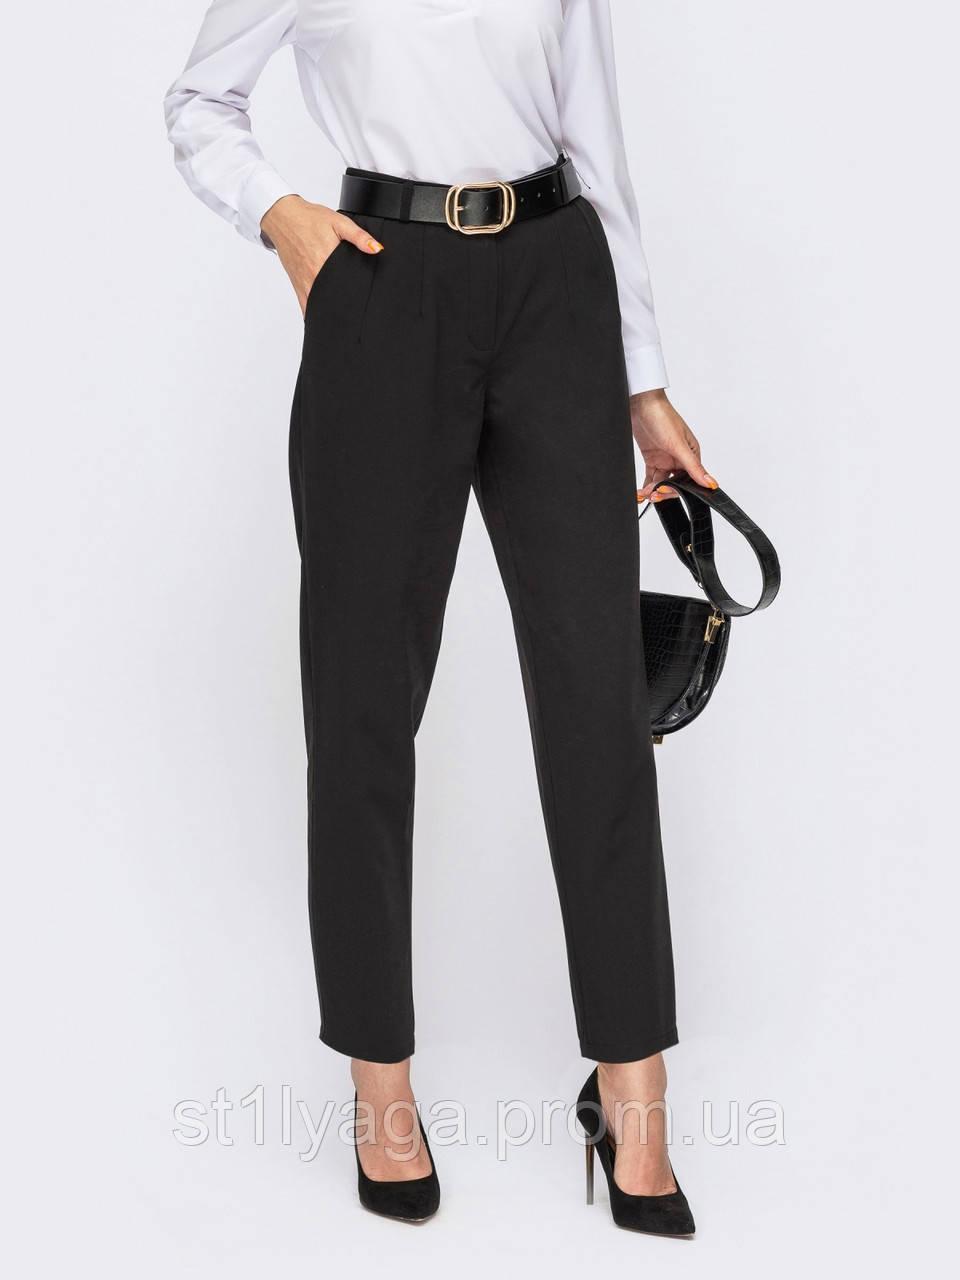 Чорні класичні брюки з костюмної тканини зі зручними кишенями з боків